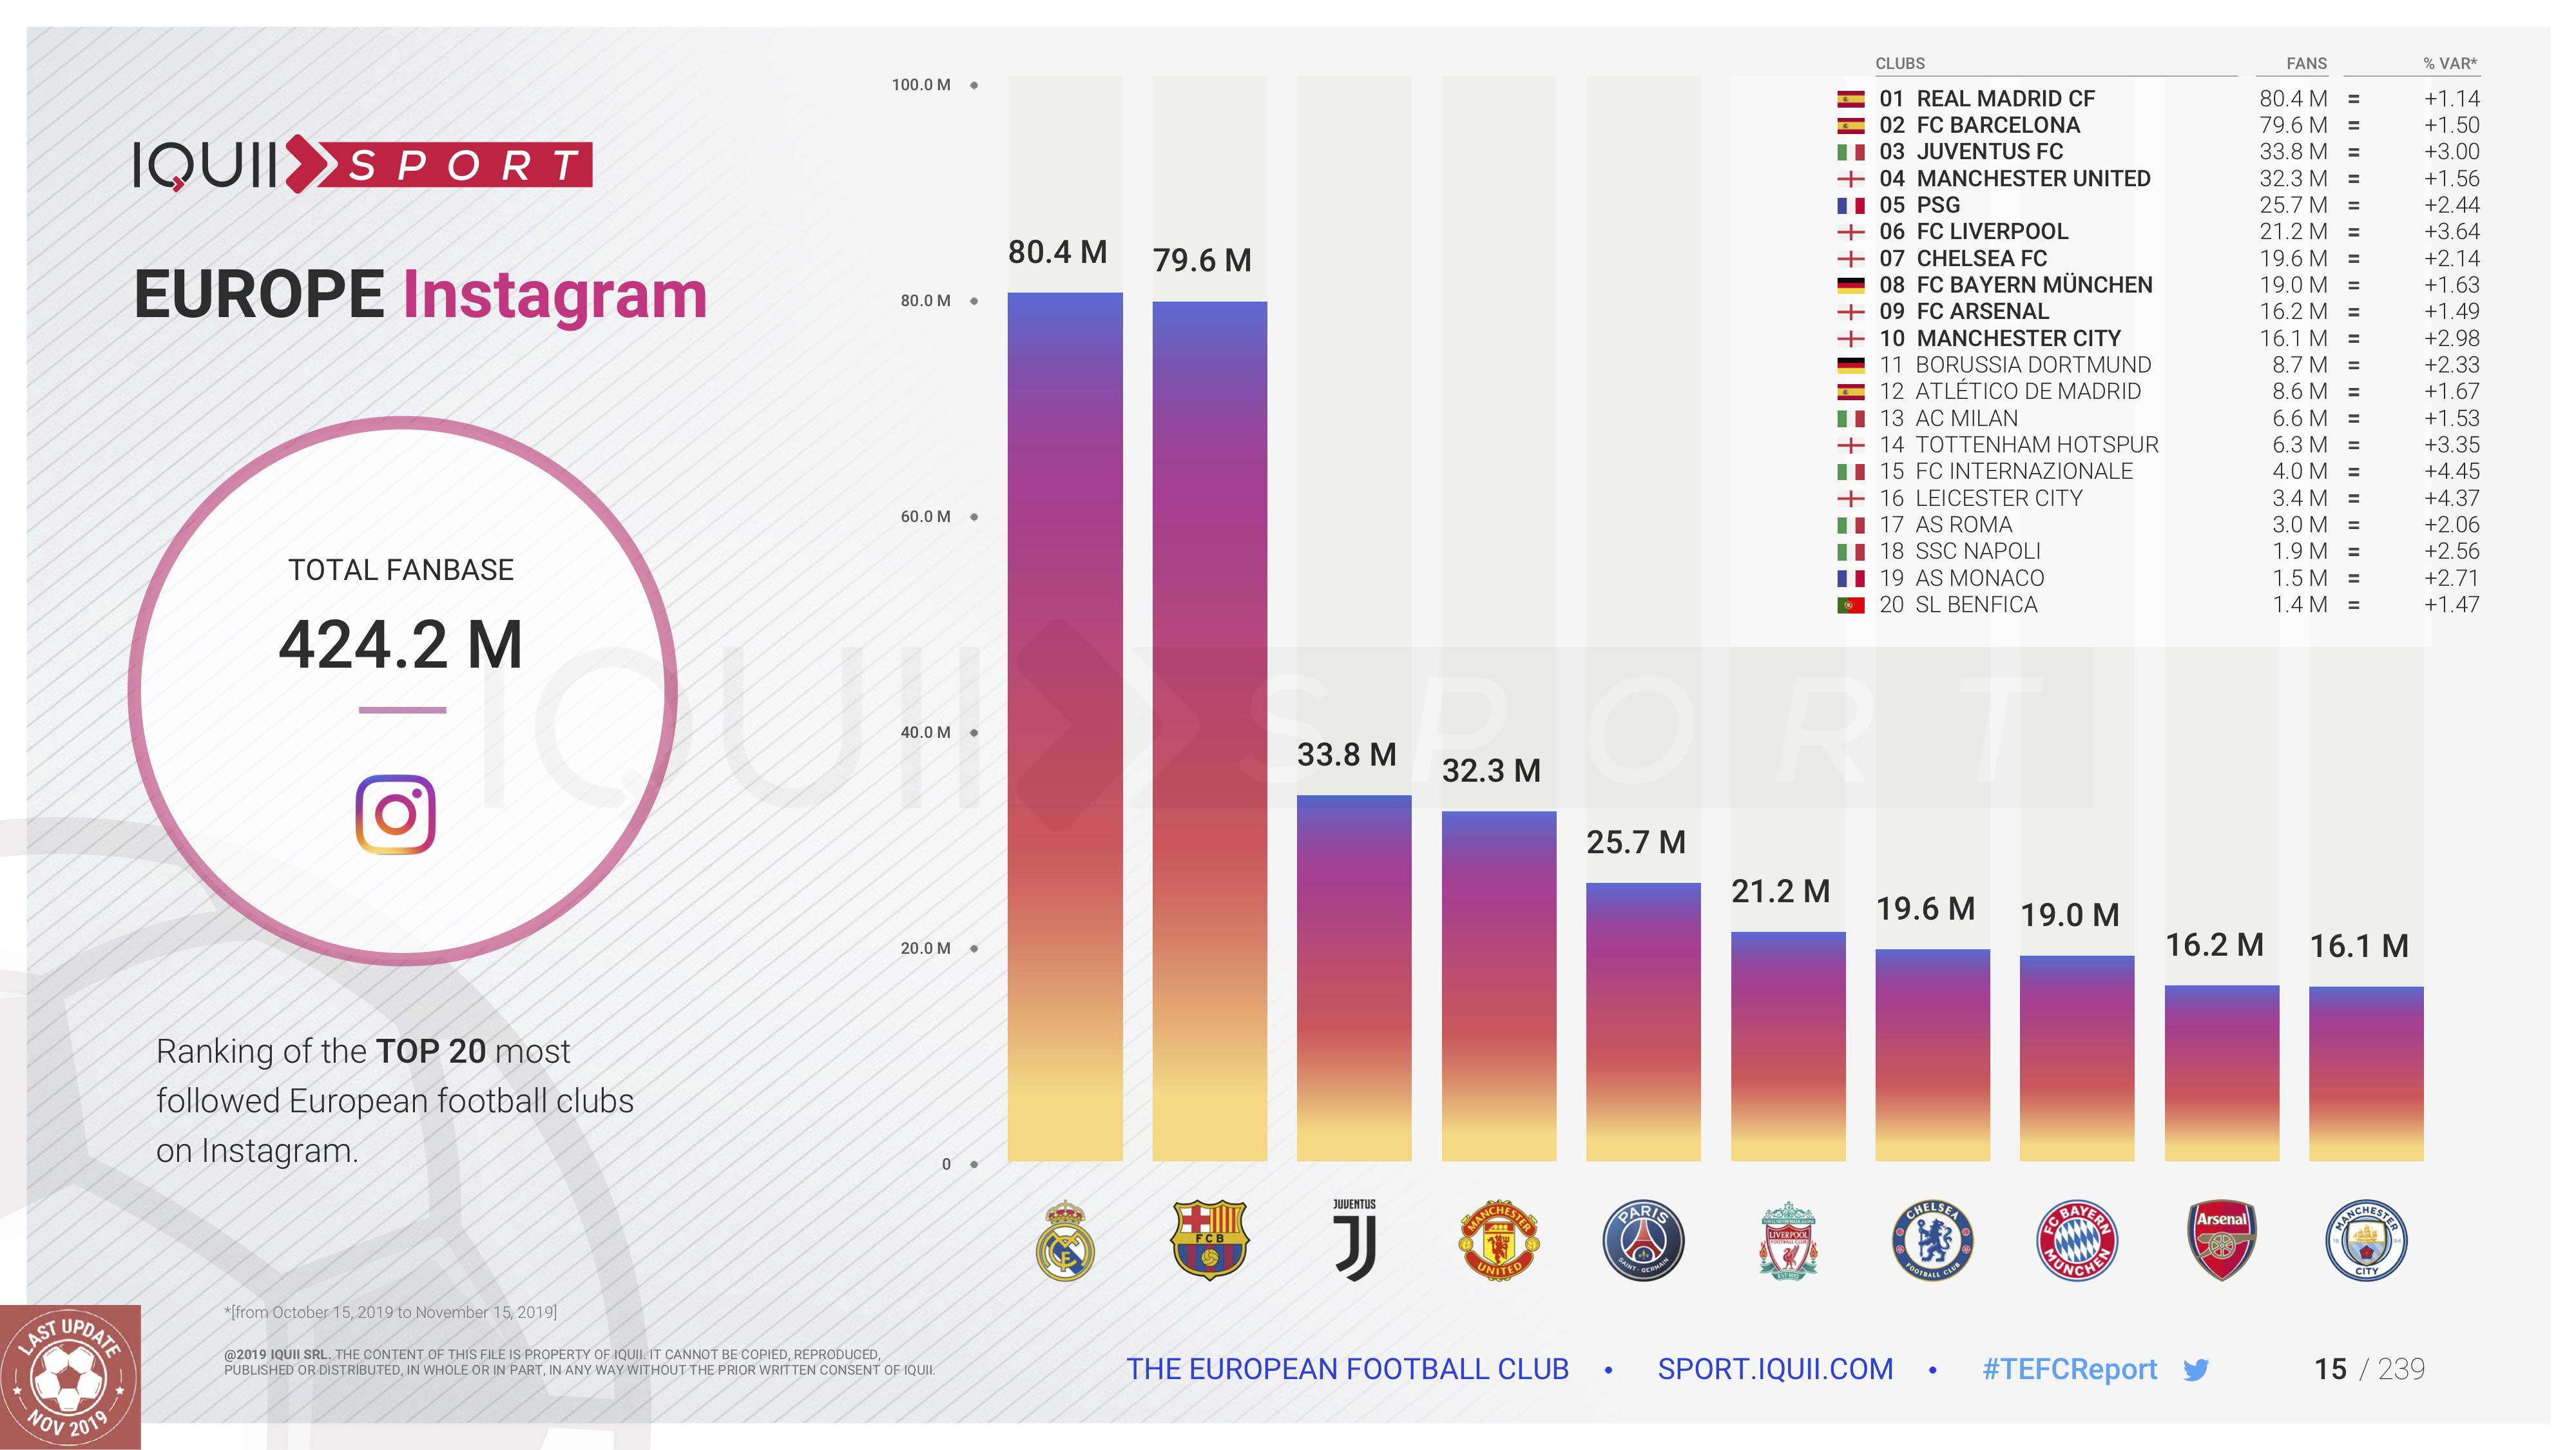 The European Football Club